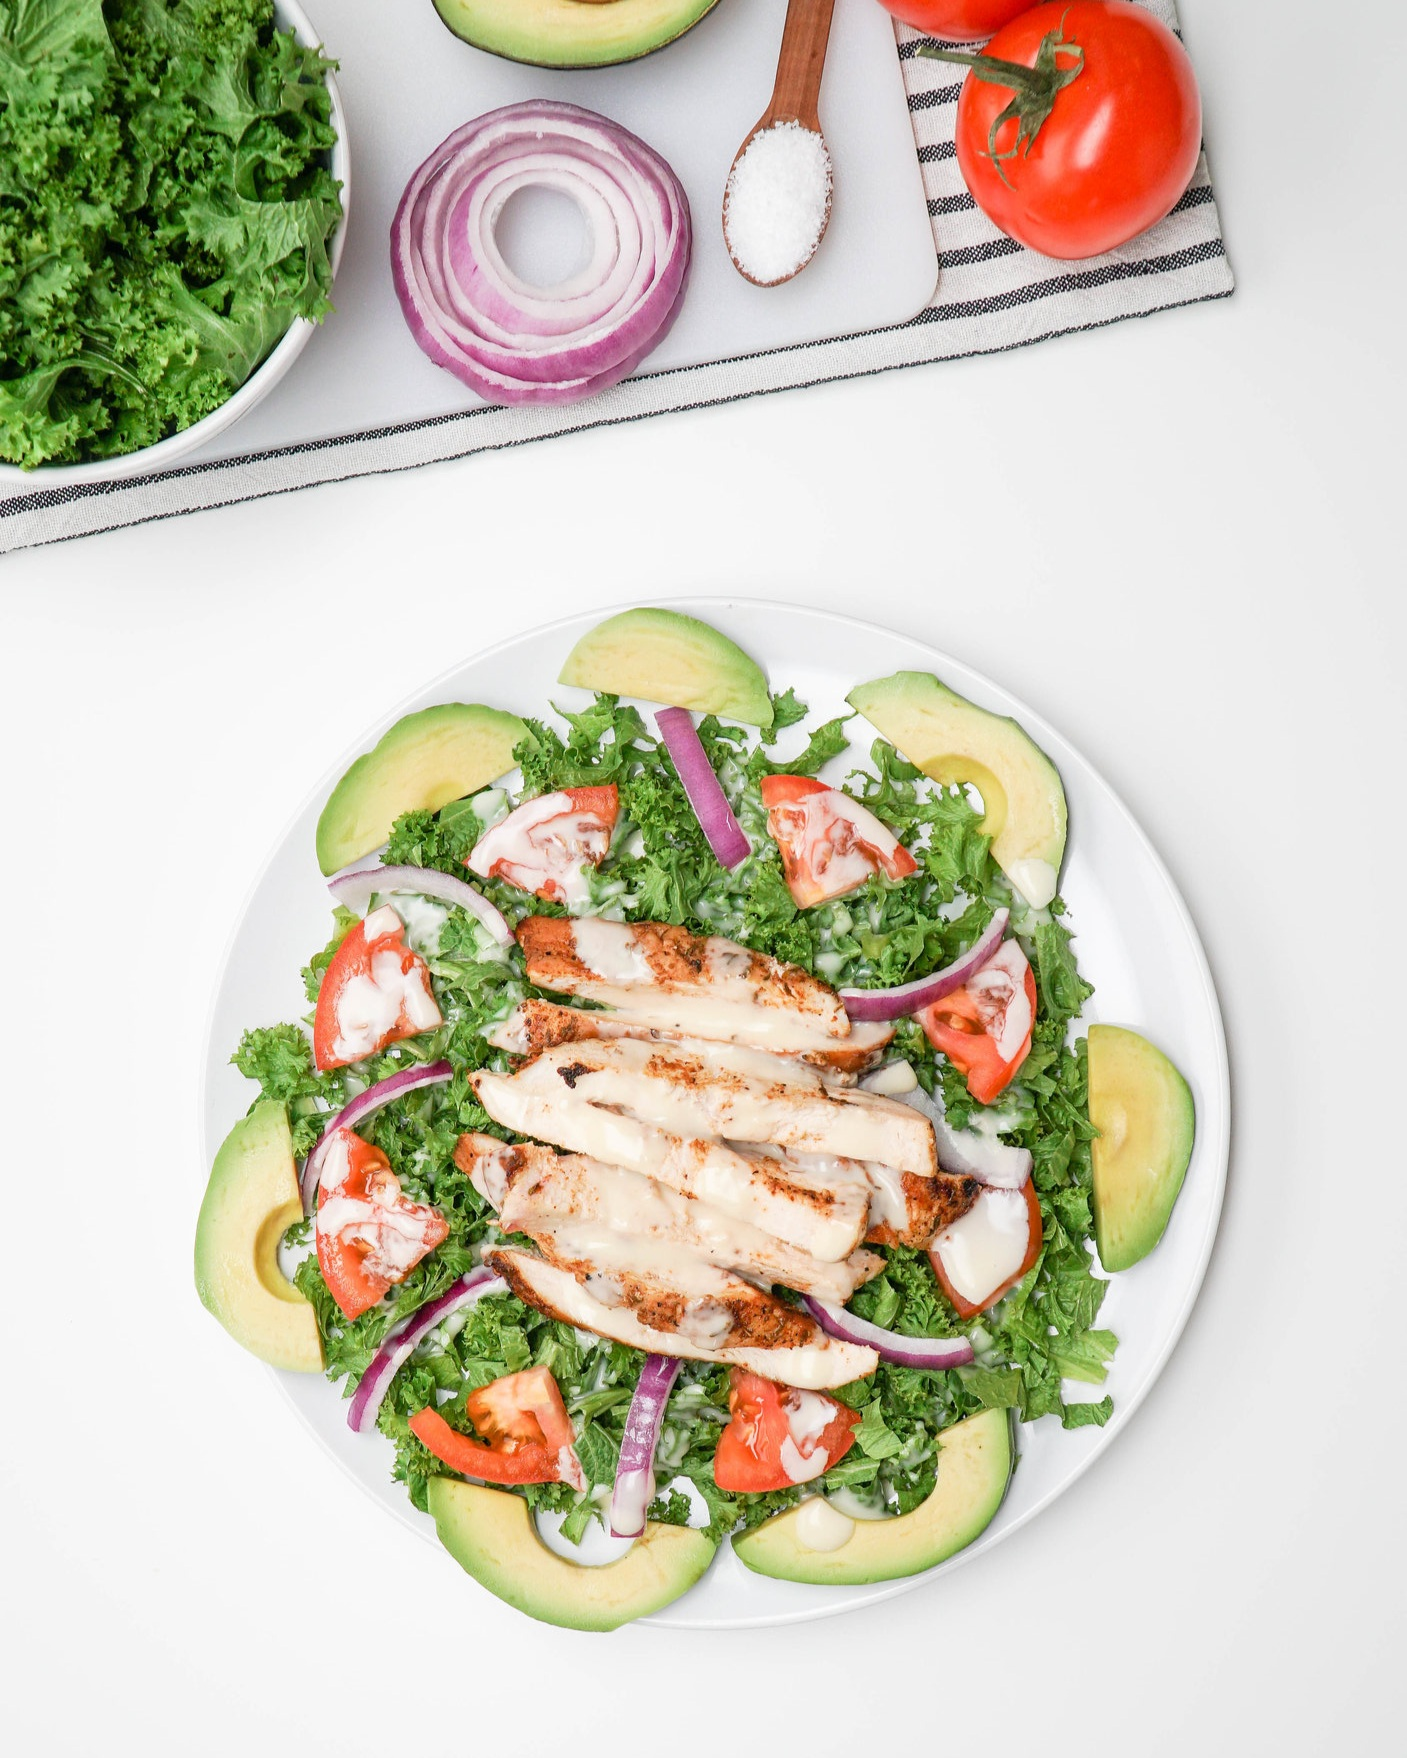 saladmenu cajun chicken salad